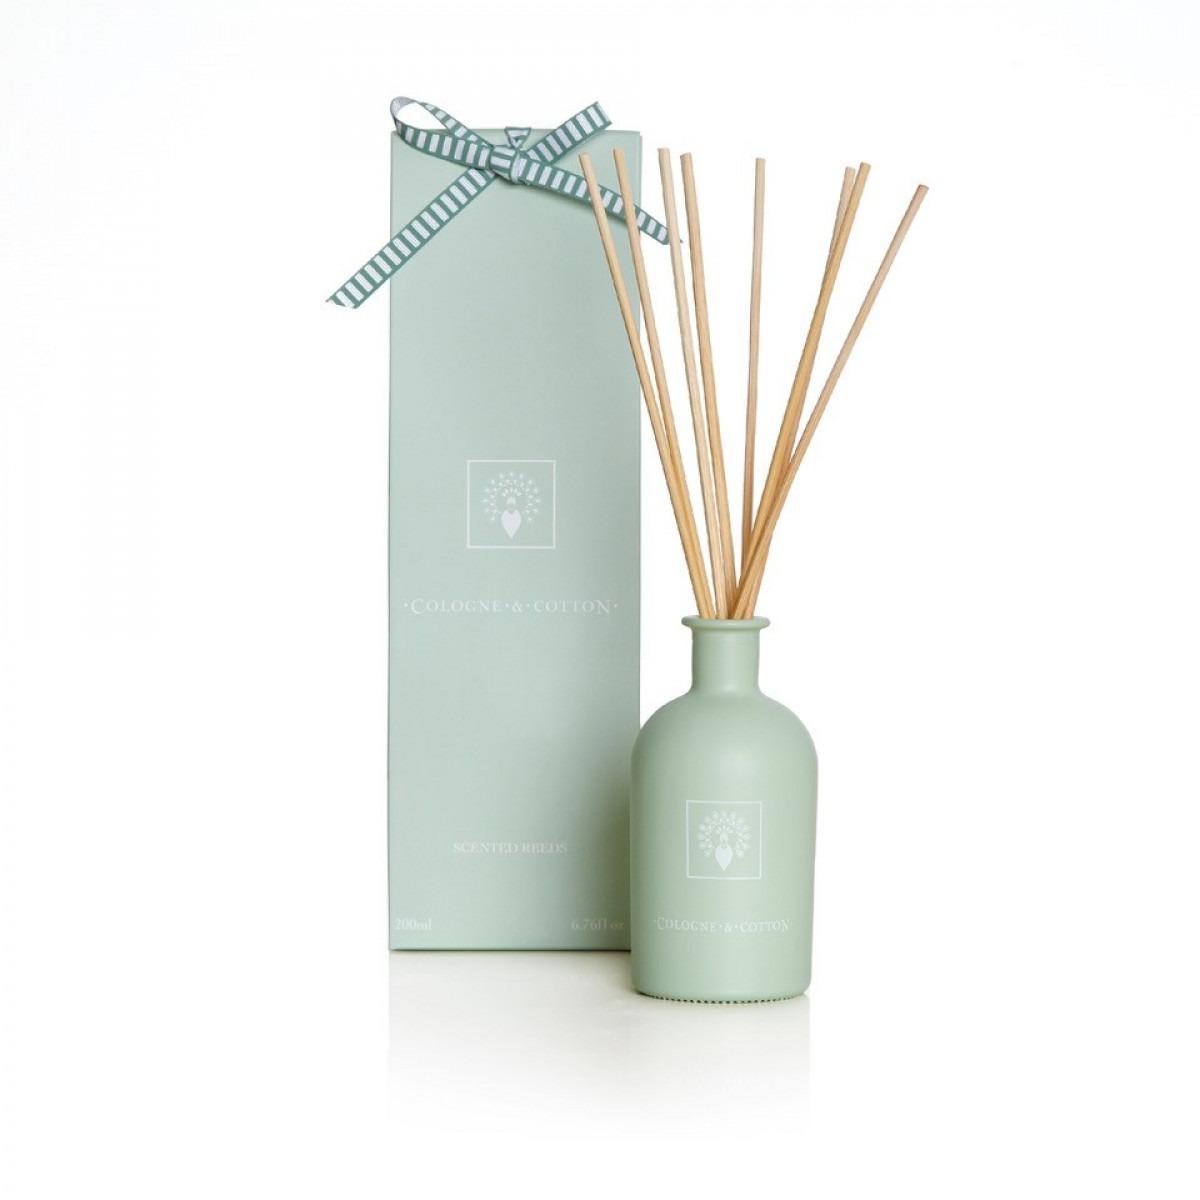 Cologne & Cotton Diffuser & Refill - White Tea Rose